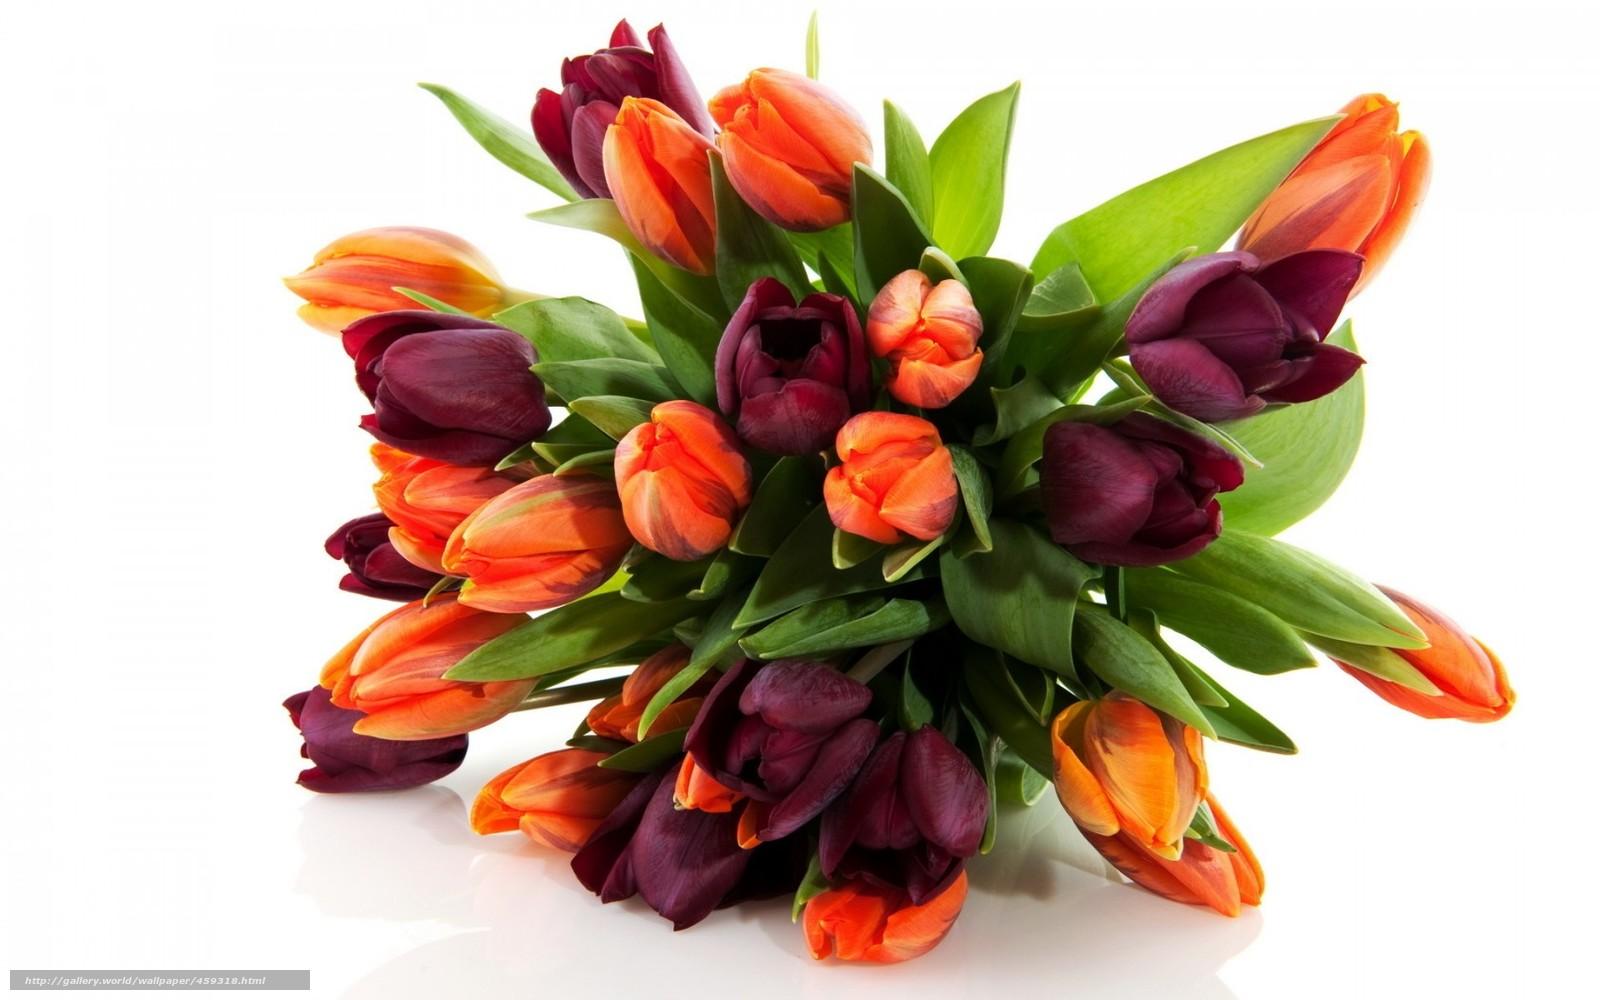 Scaricare Gli Sfondi Fiori Fiore Mazzo Di Fiori Tulipani Sfondi